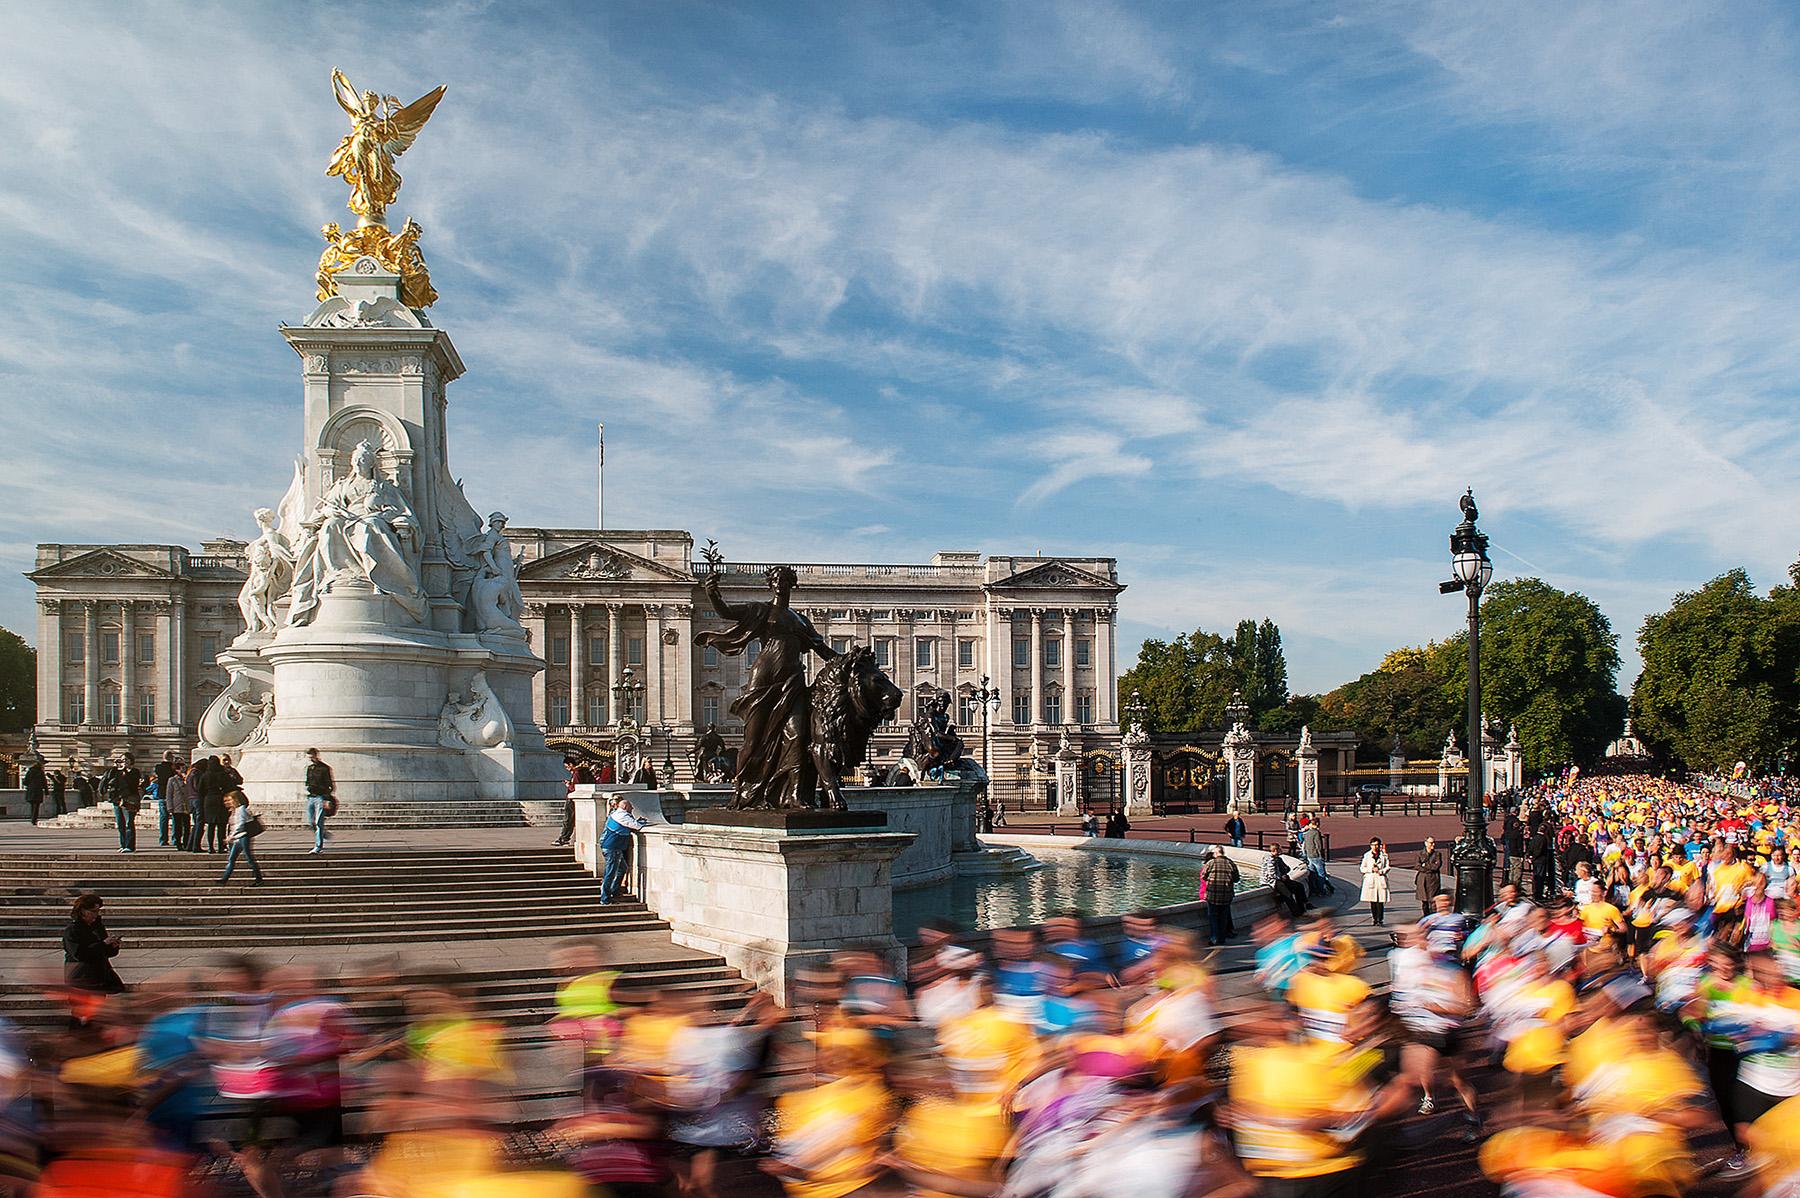 Royal Parks half marathon_buckingham palace_.jpg